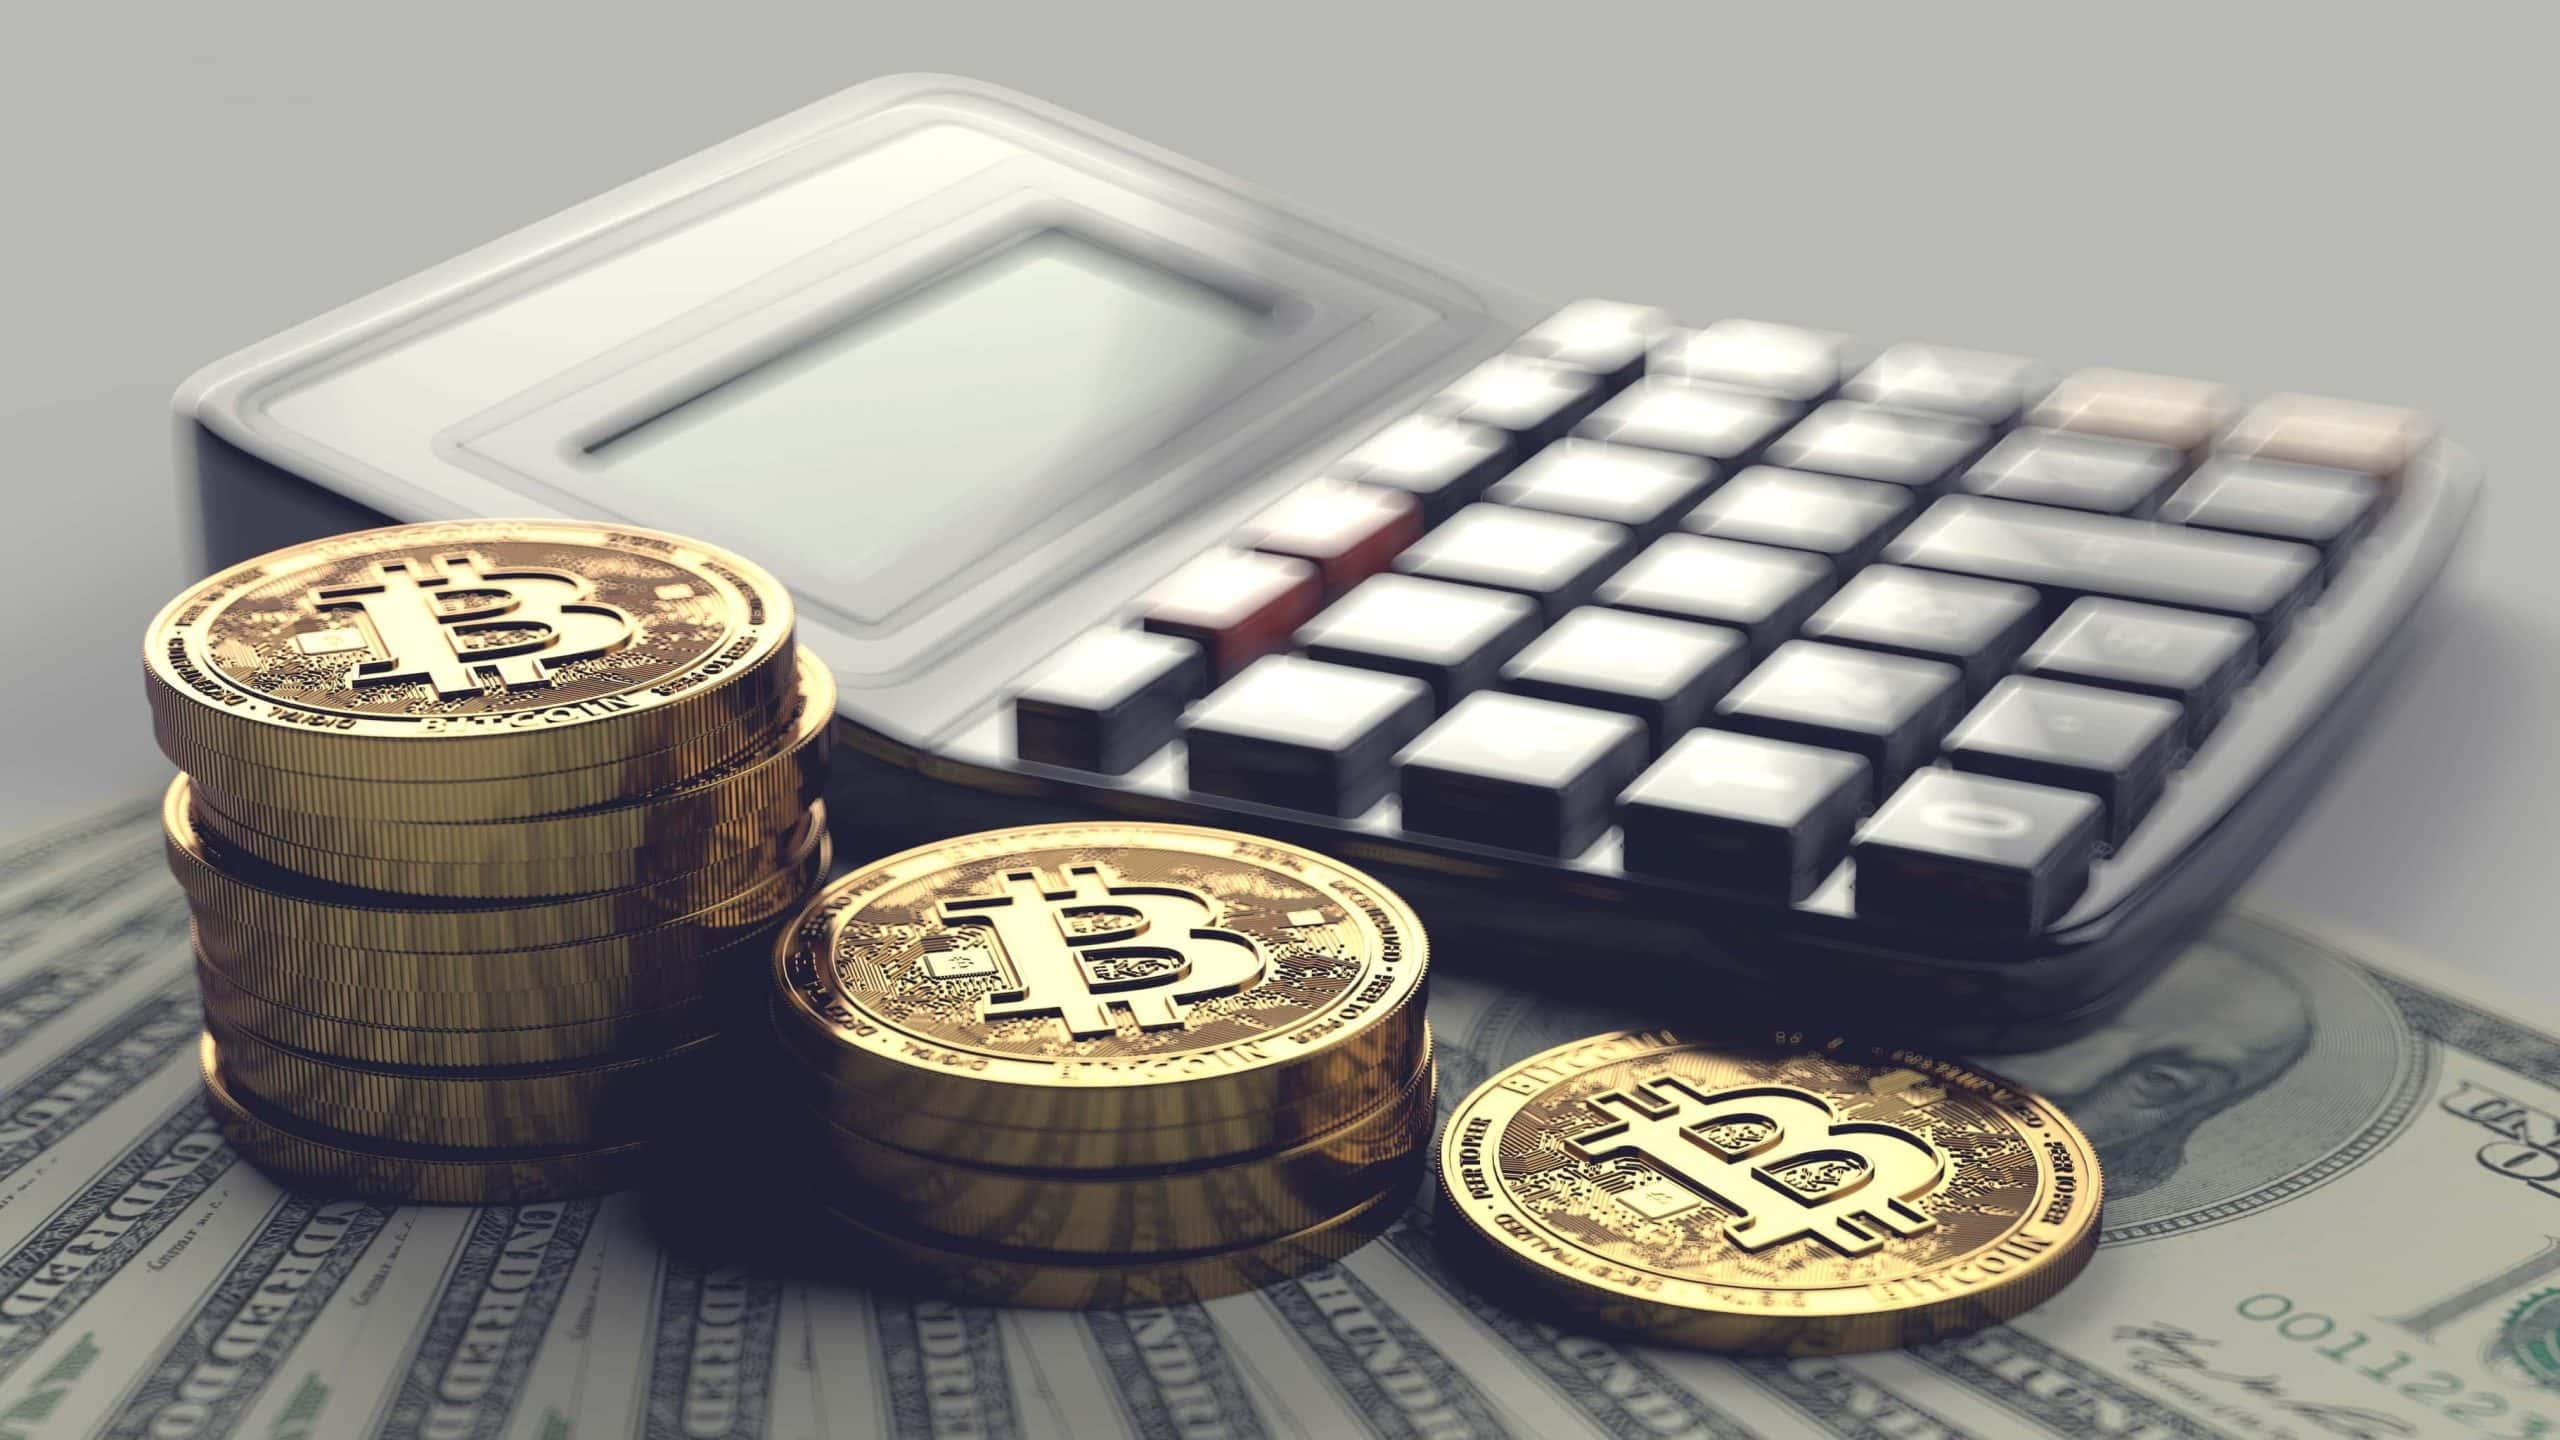 Gestapelte Bitcoin-Münzen vor einem Taschenrechner